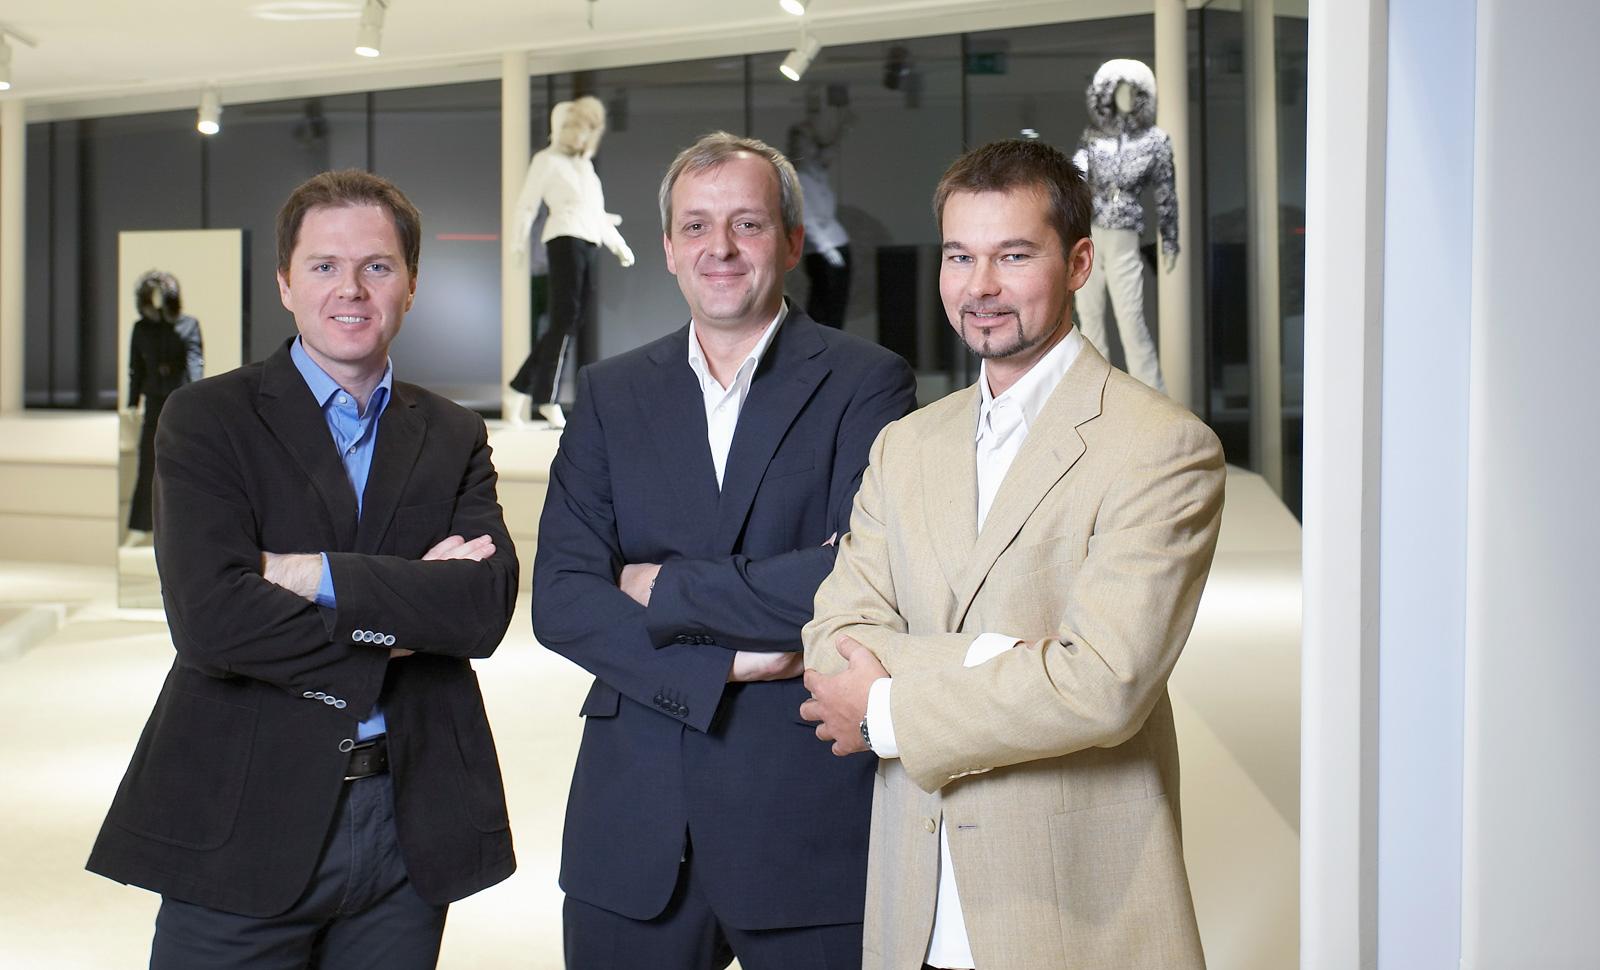 Markus Spitzbart, Karl Attwenger & Markus Huber